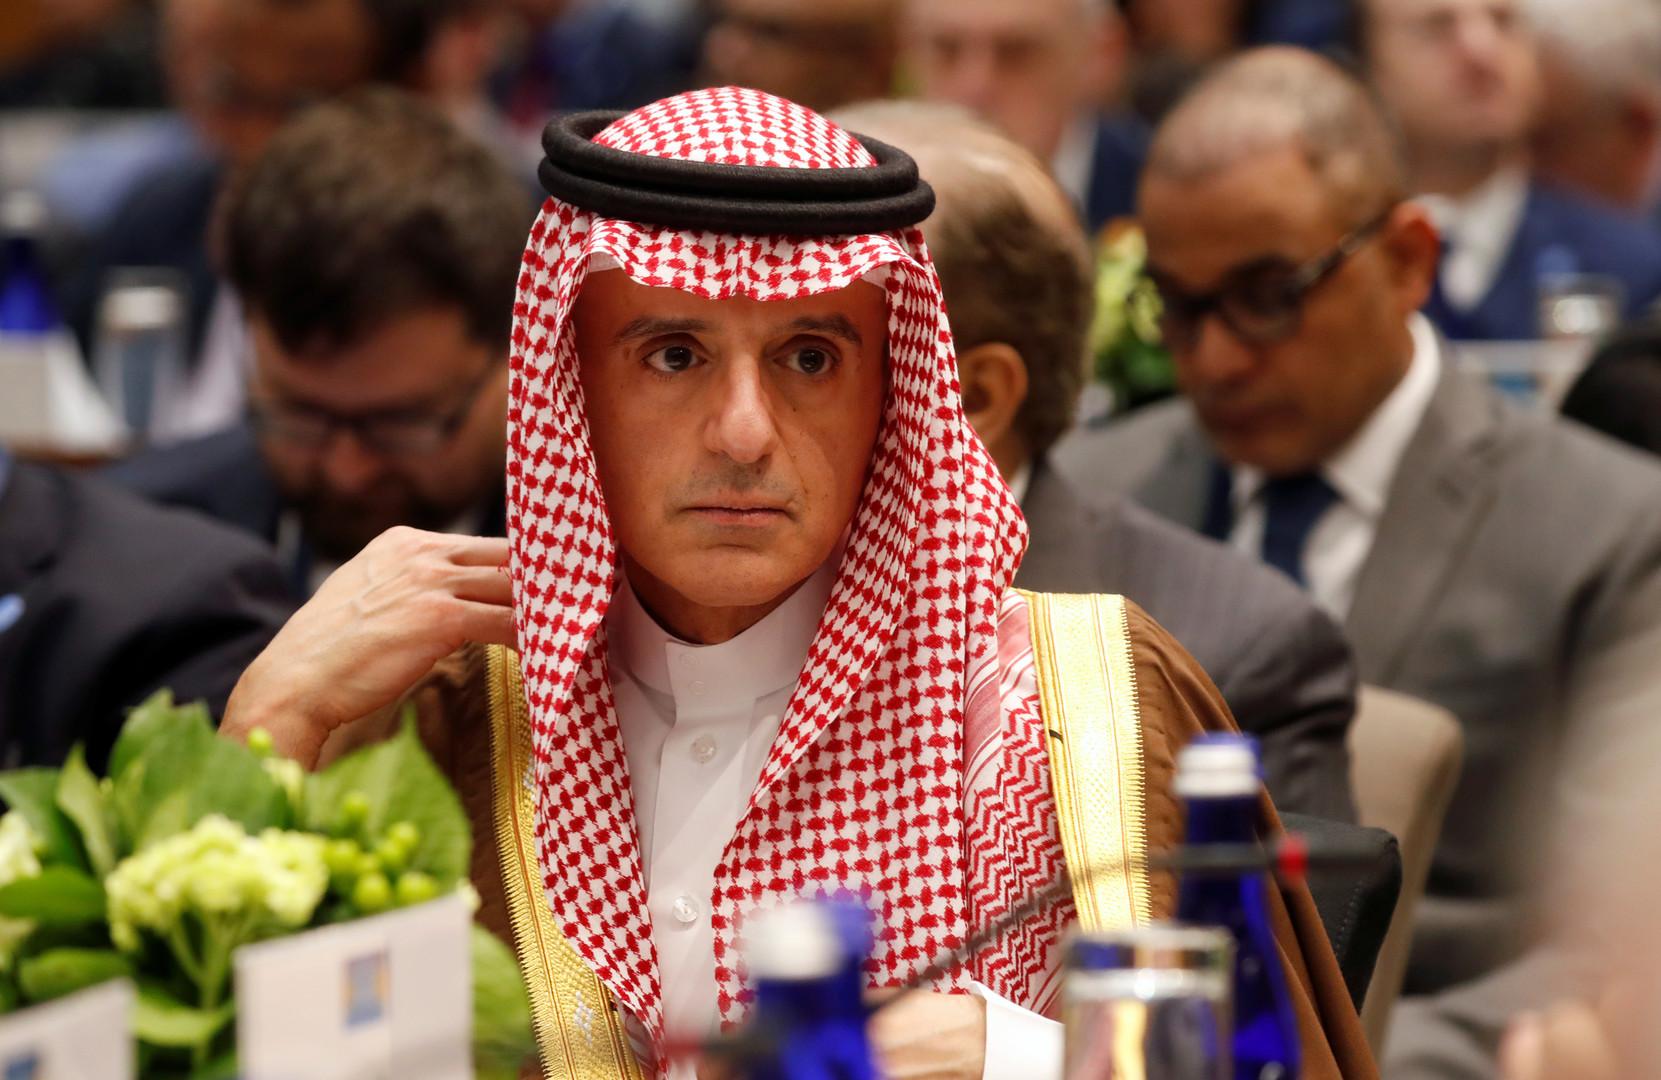 الجبير: إجراءات اقتصادية وعسكرية تدرس لتأمين الملاحة في الخليج